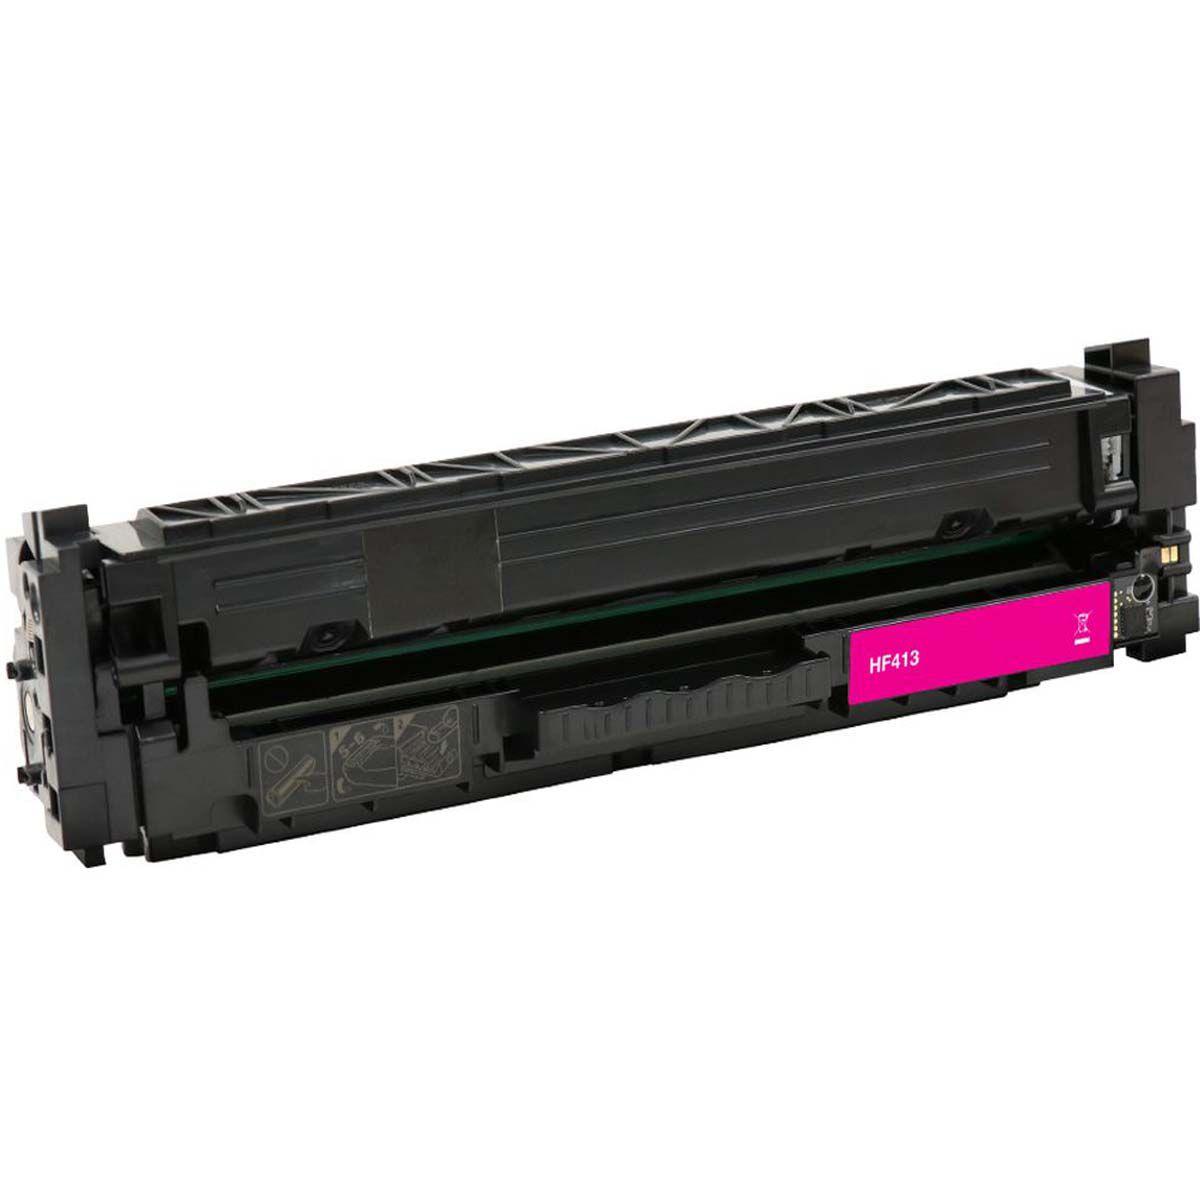 Toner Compatível com HP CF413A CF413 413a Magenta - M452DW M452DN M477 M477FDN